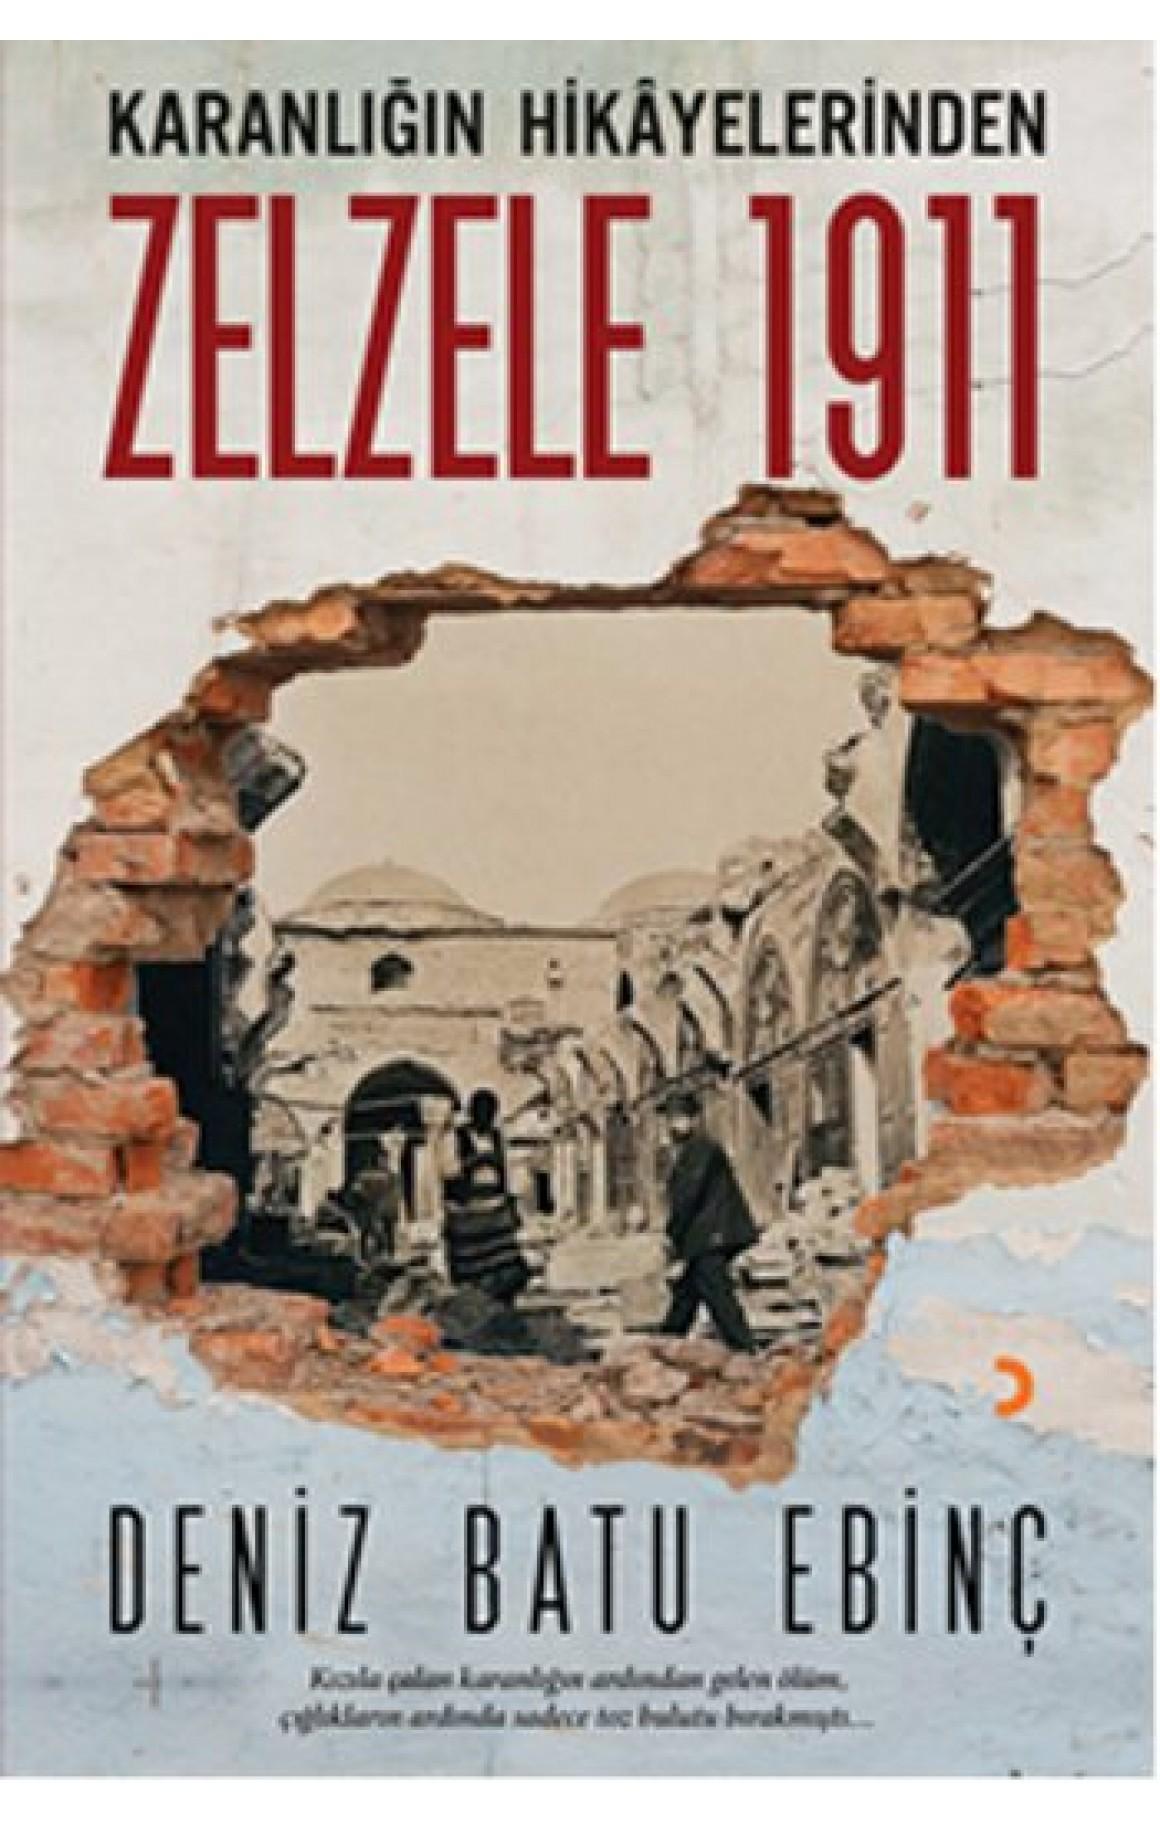 Zelzele 1911 - Karanlığın Hikayelerinden